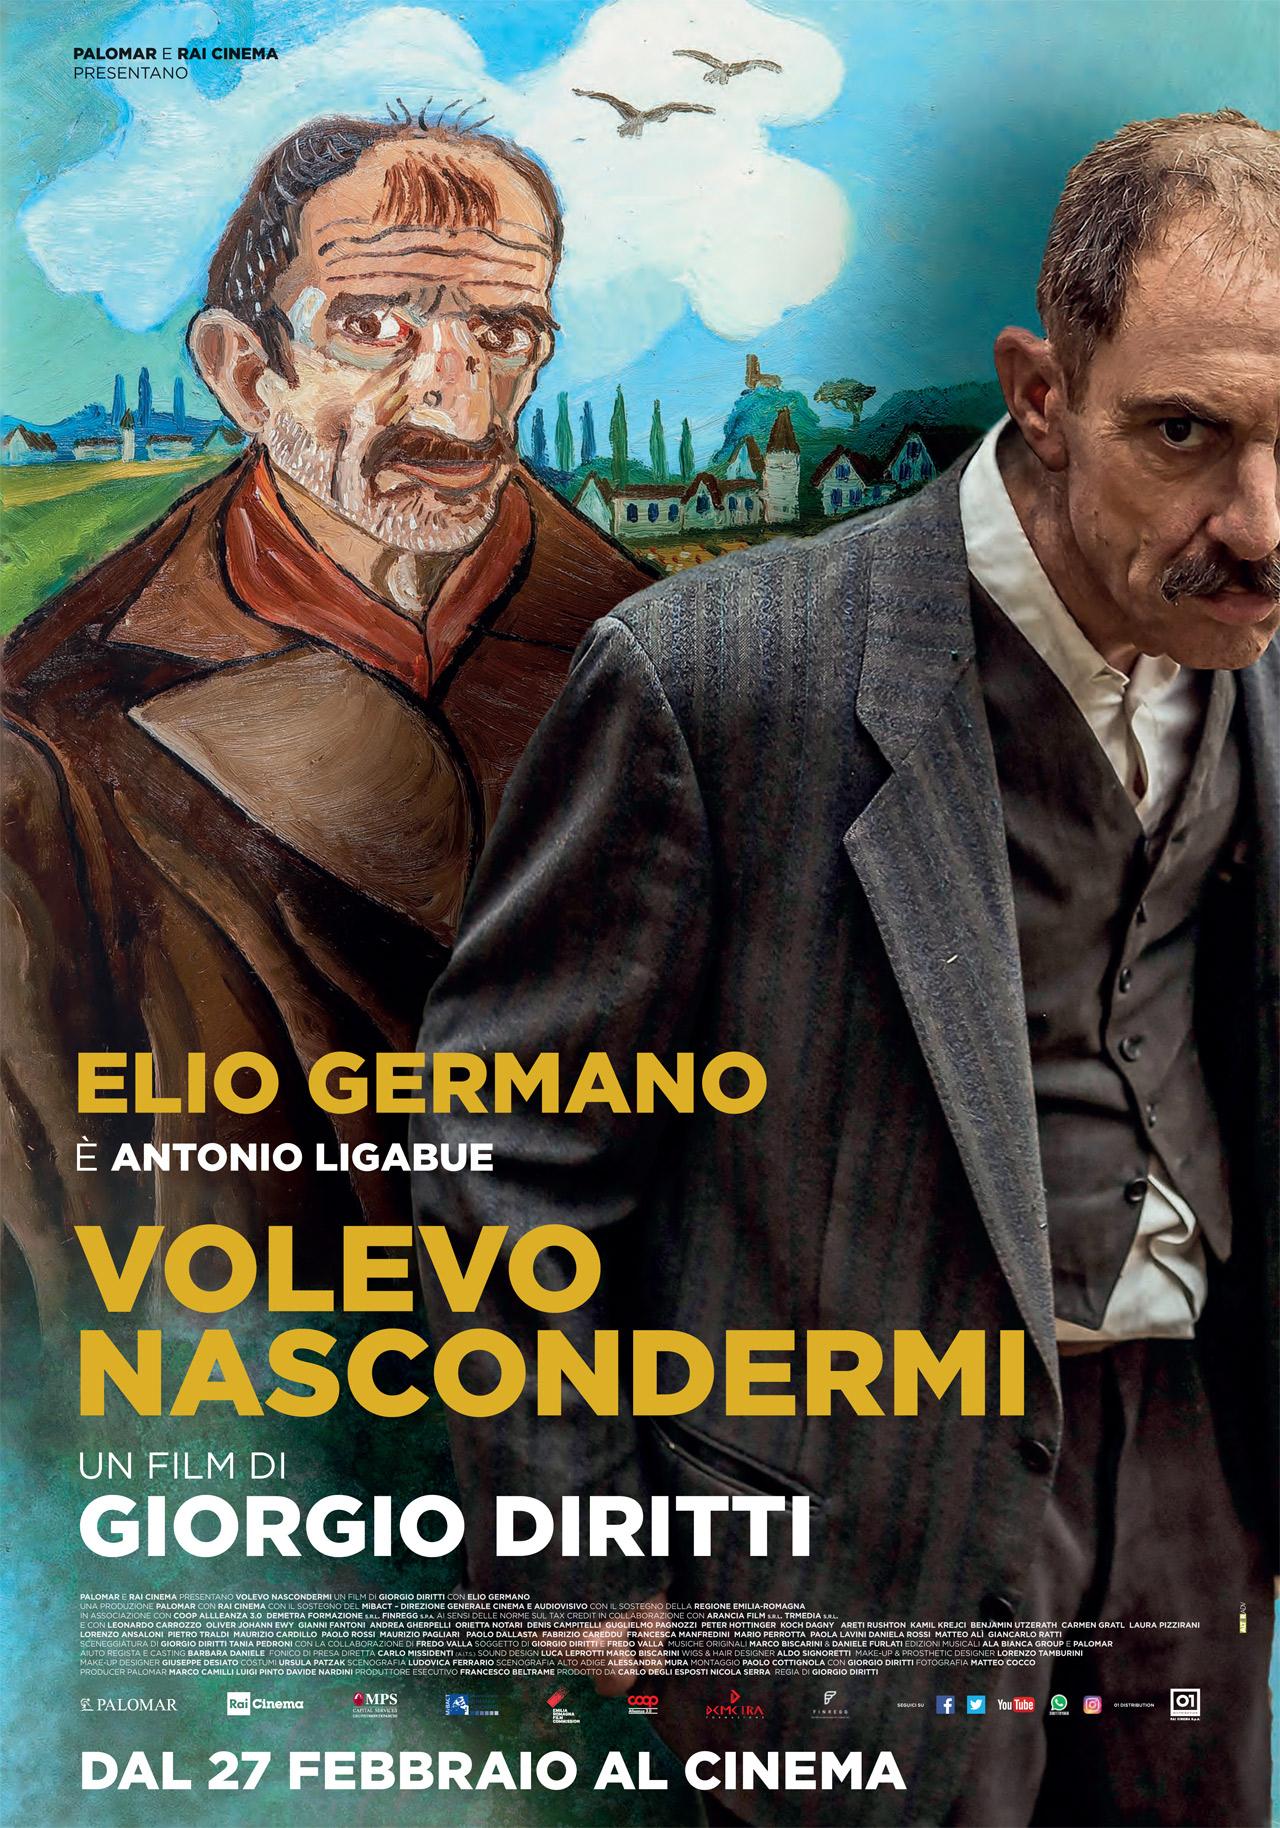 """Ecco com'è Elio Germano nei panni di Antonio Ligabue. Il film """"Volevo nascondermi"""" esce il 27 febbraio"""